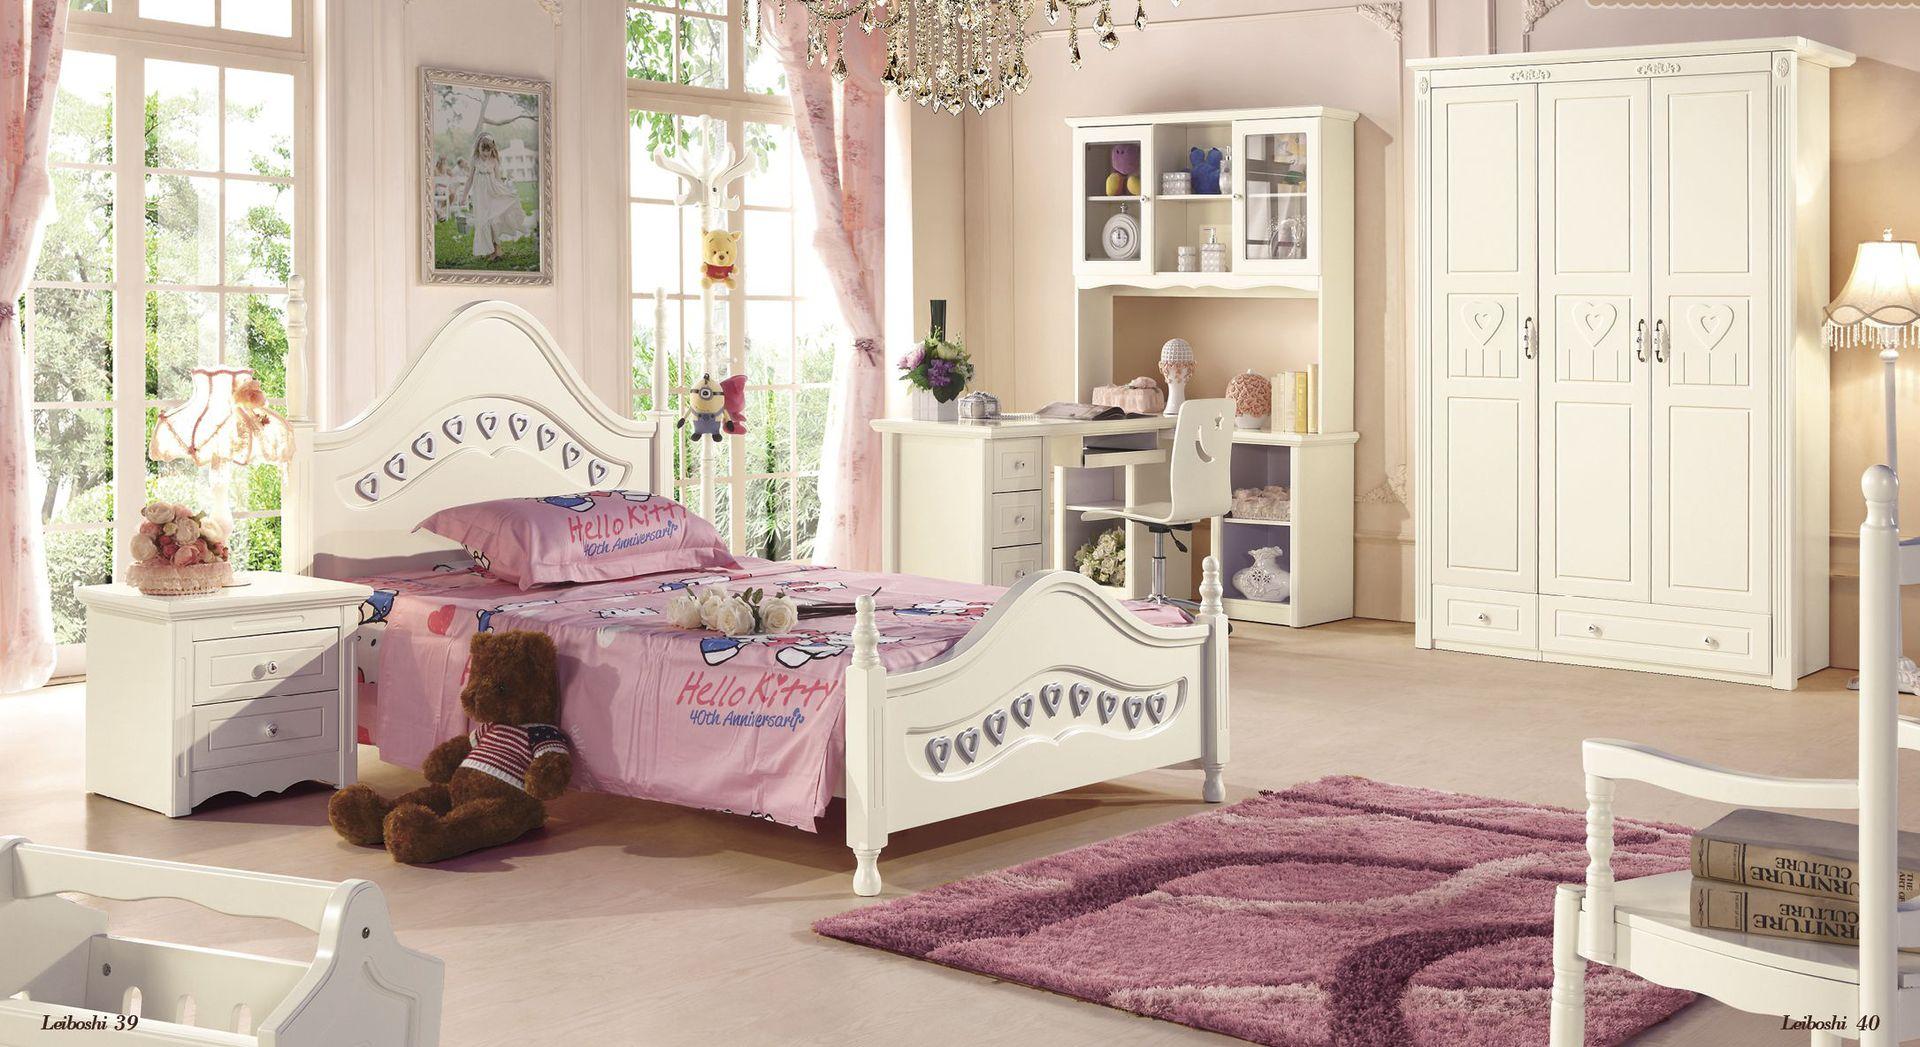 Kids slaapkamer bedden koop goedkope kids slaapkamer bedden loten ...